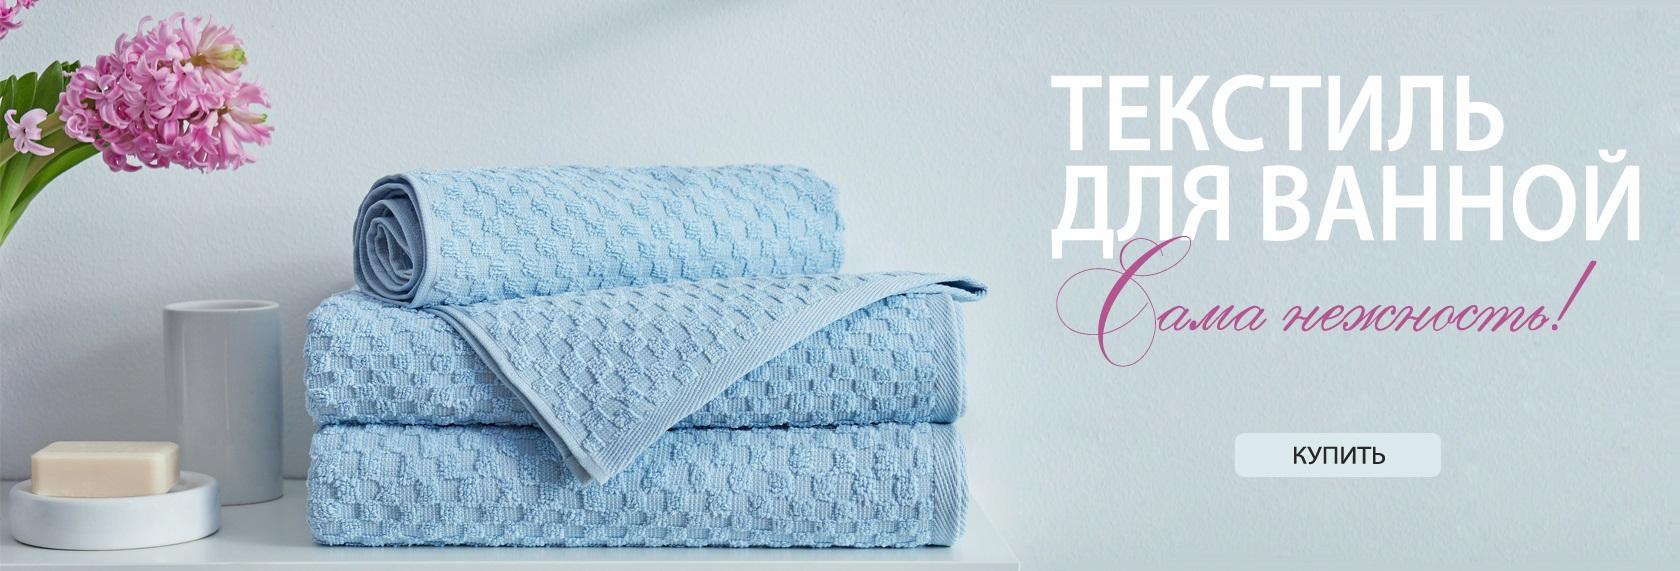 Махровые полотенца, коврики, банные принадлежности